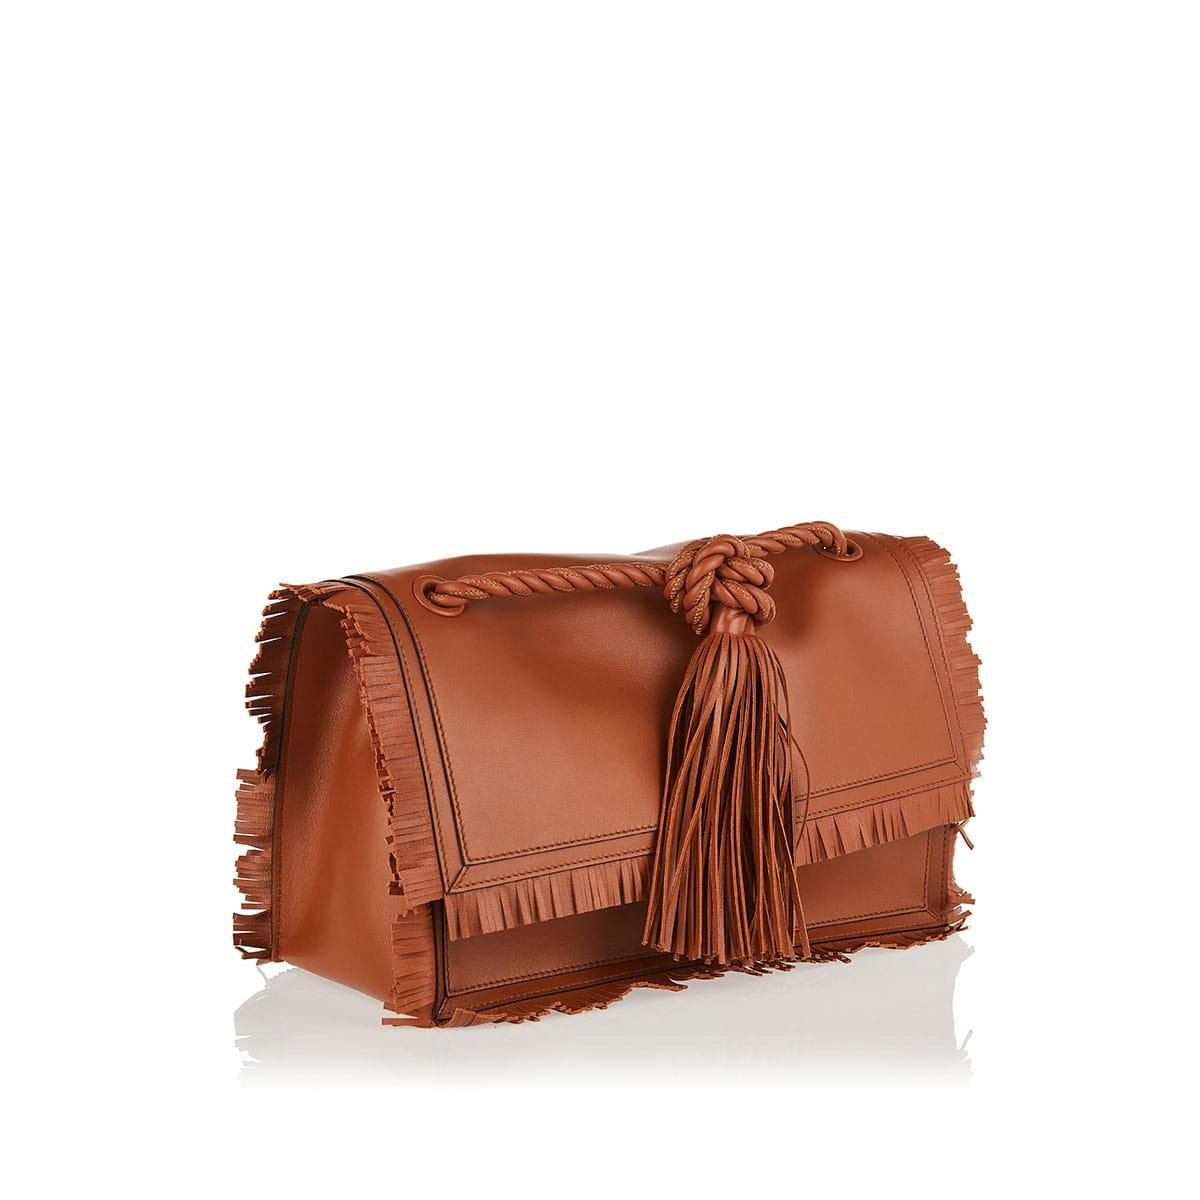 The Rope fringe-trimmed leather bag